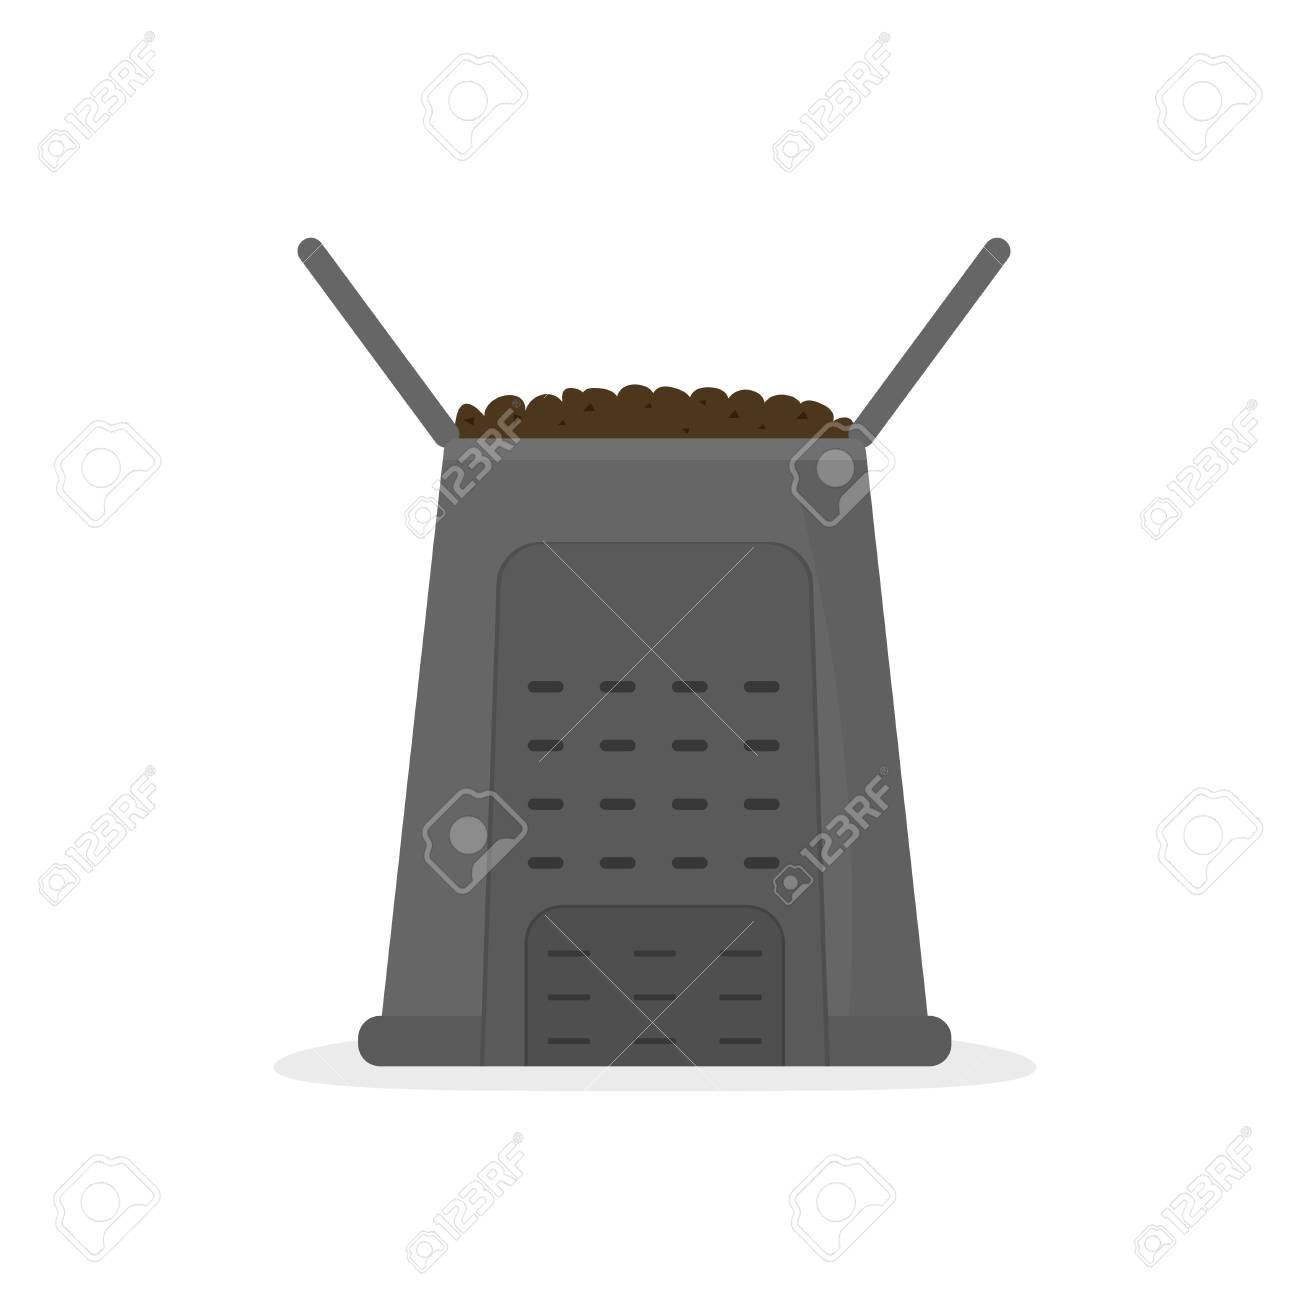 compost bin icon - 86990150